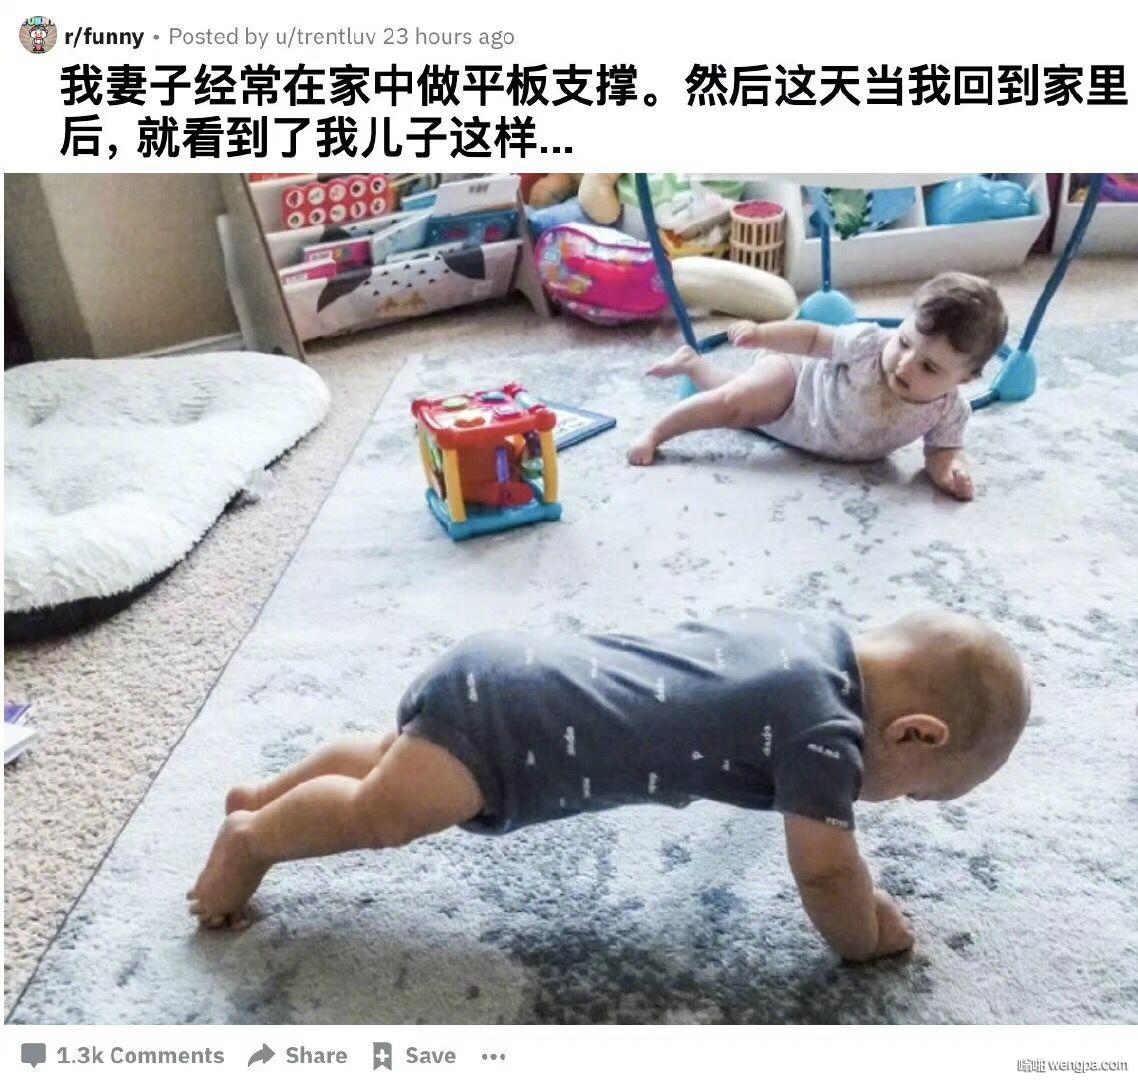 【搞笑图片】娃娃的学习能力太强了 - 嗡啪网